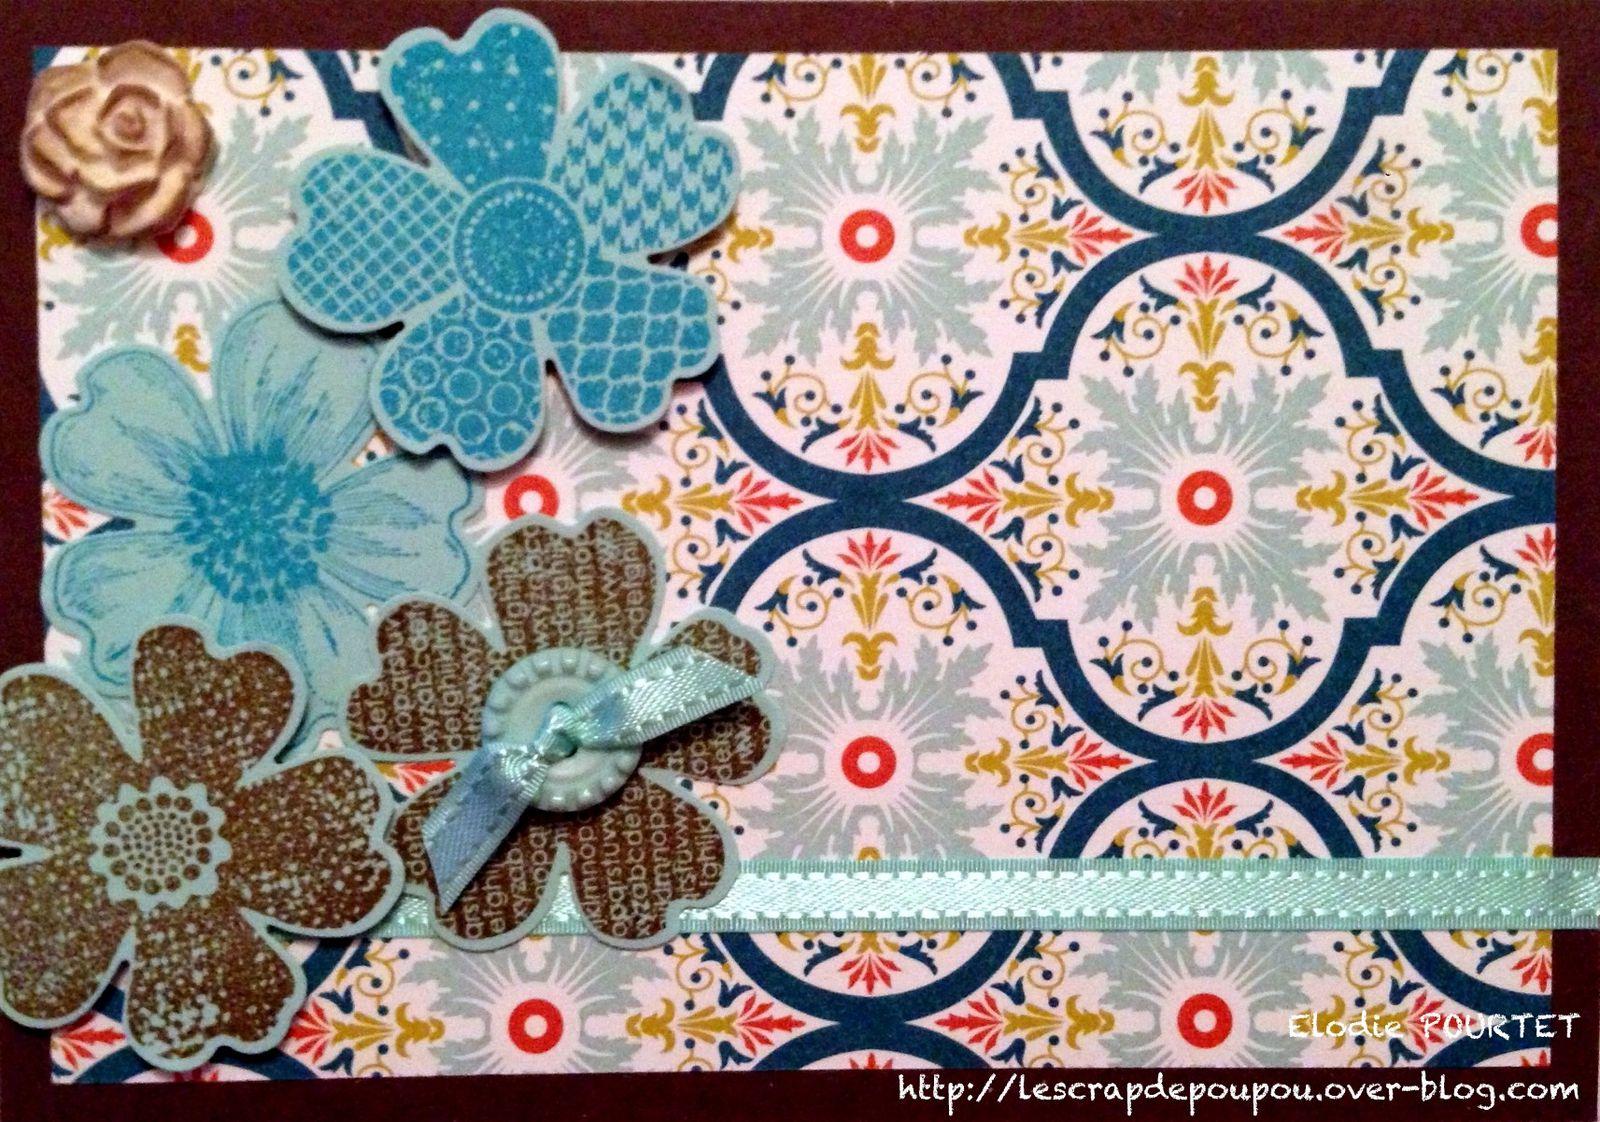 """Papier """"pépite de chocolat"""" et """"piscine party"""", papier design de la série """"SAB 2013"""", set de tampons """"Flower Shop"""" avec perforatrice """"Pensée"""", encreurs """"doux suède"""" et """"turquoise tentation"""", ruban et bouton couleur """"Piscine party"""" collection """"SAB 2013"""", papier argile"""